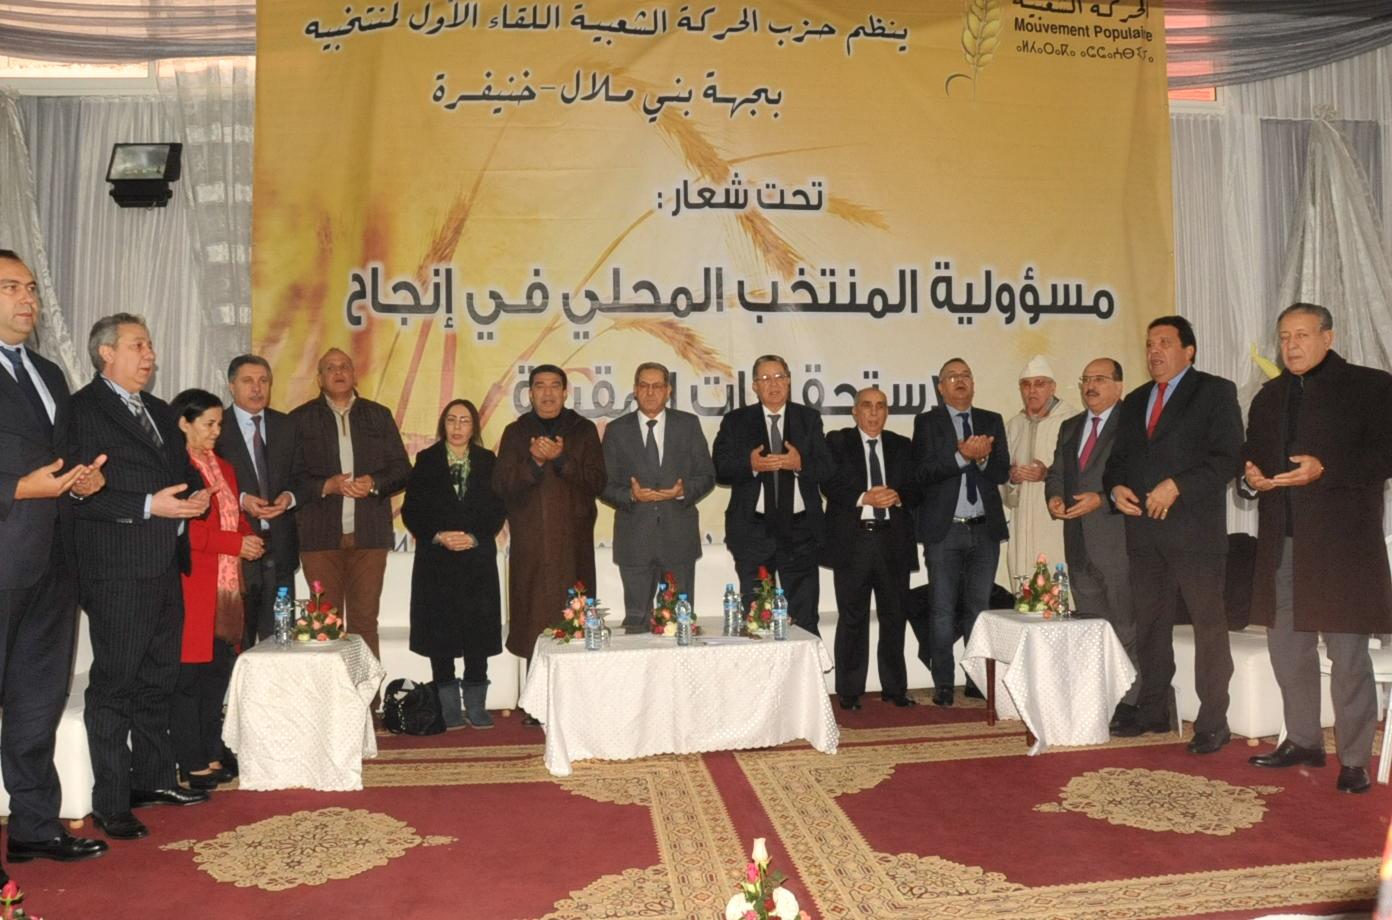 حزب الحركة الشعبية: تصريحات الأمين العام للأمم المتحدة ستساهم  في تأزيم الوضع في المنطقة